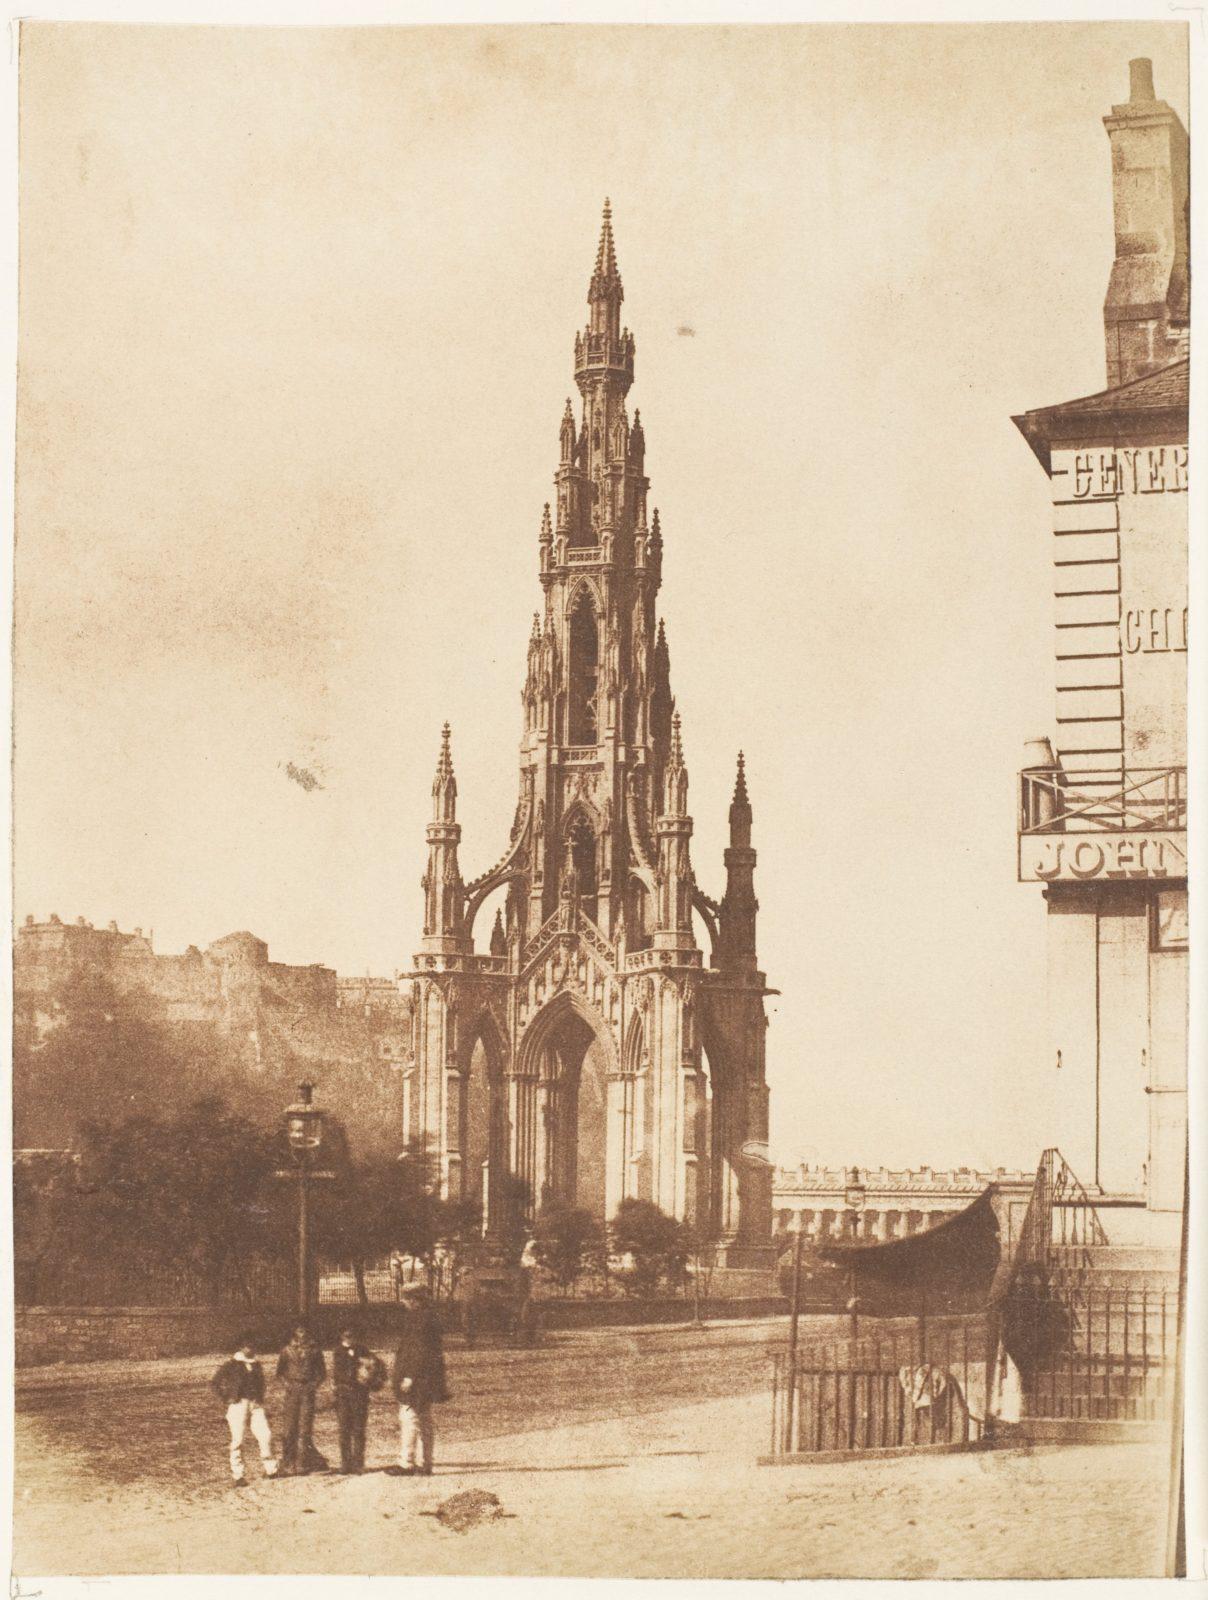 Edinburgh.  The Scott Monument